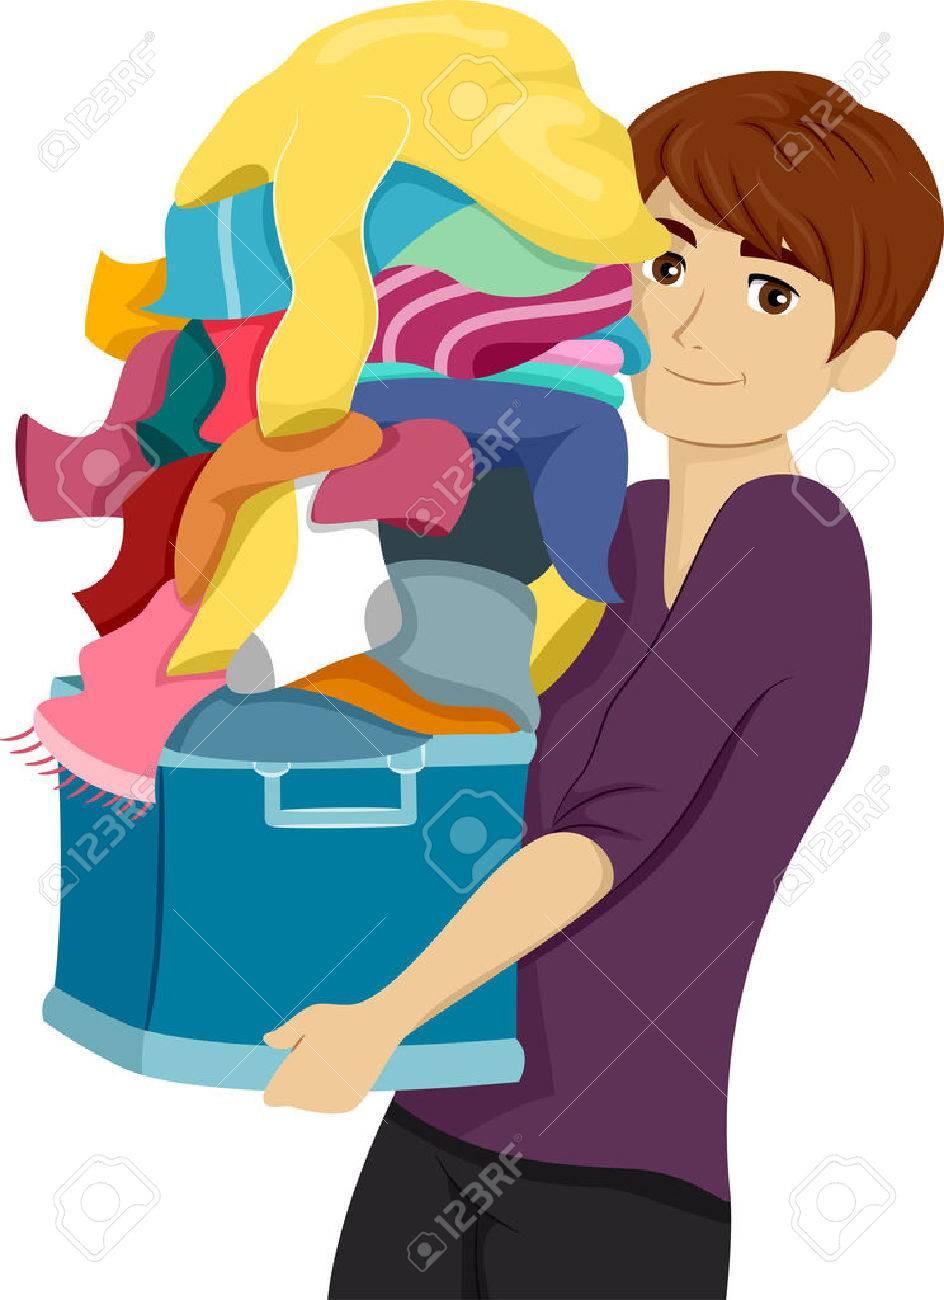 洗濯物の山を運ぶ男性大学生のイラストのイラスト素材ベクタ Image